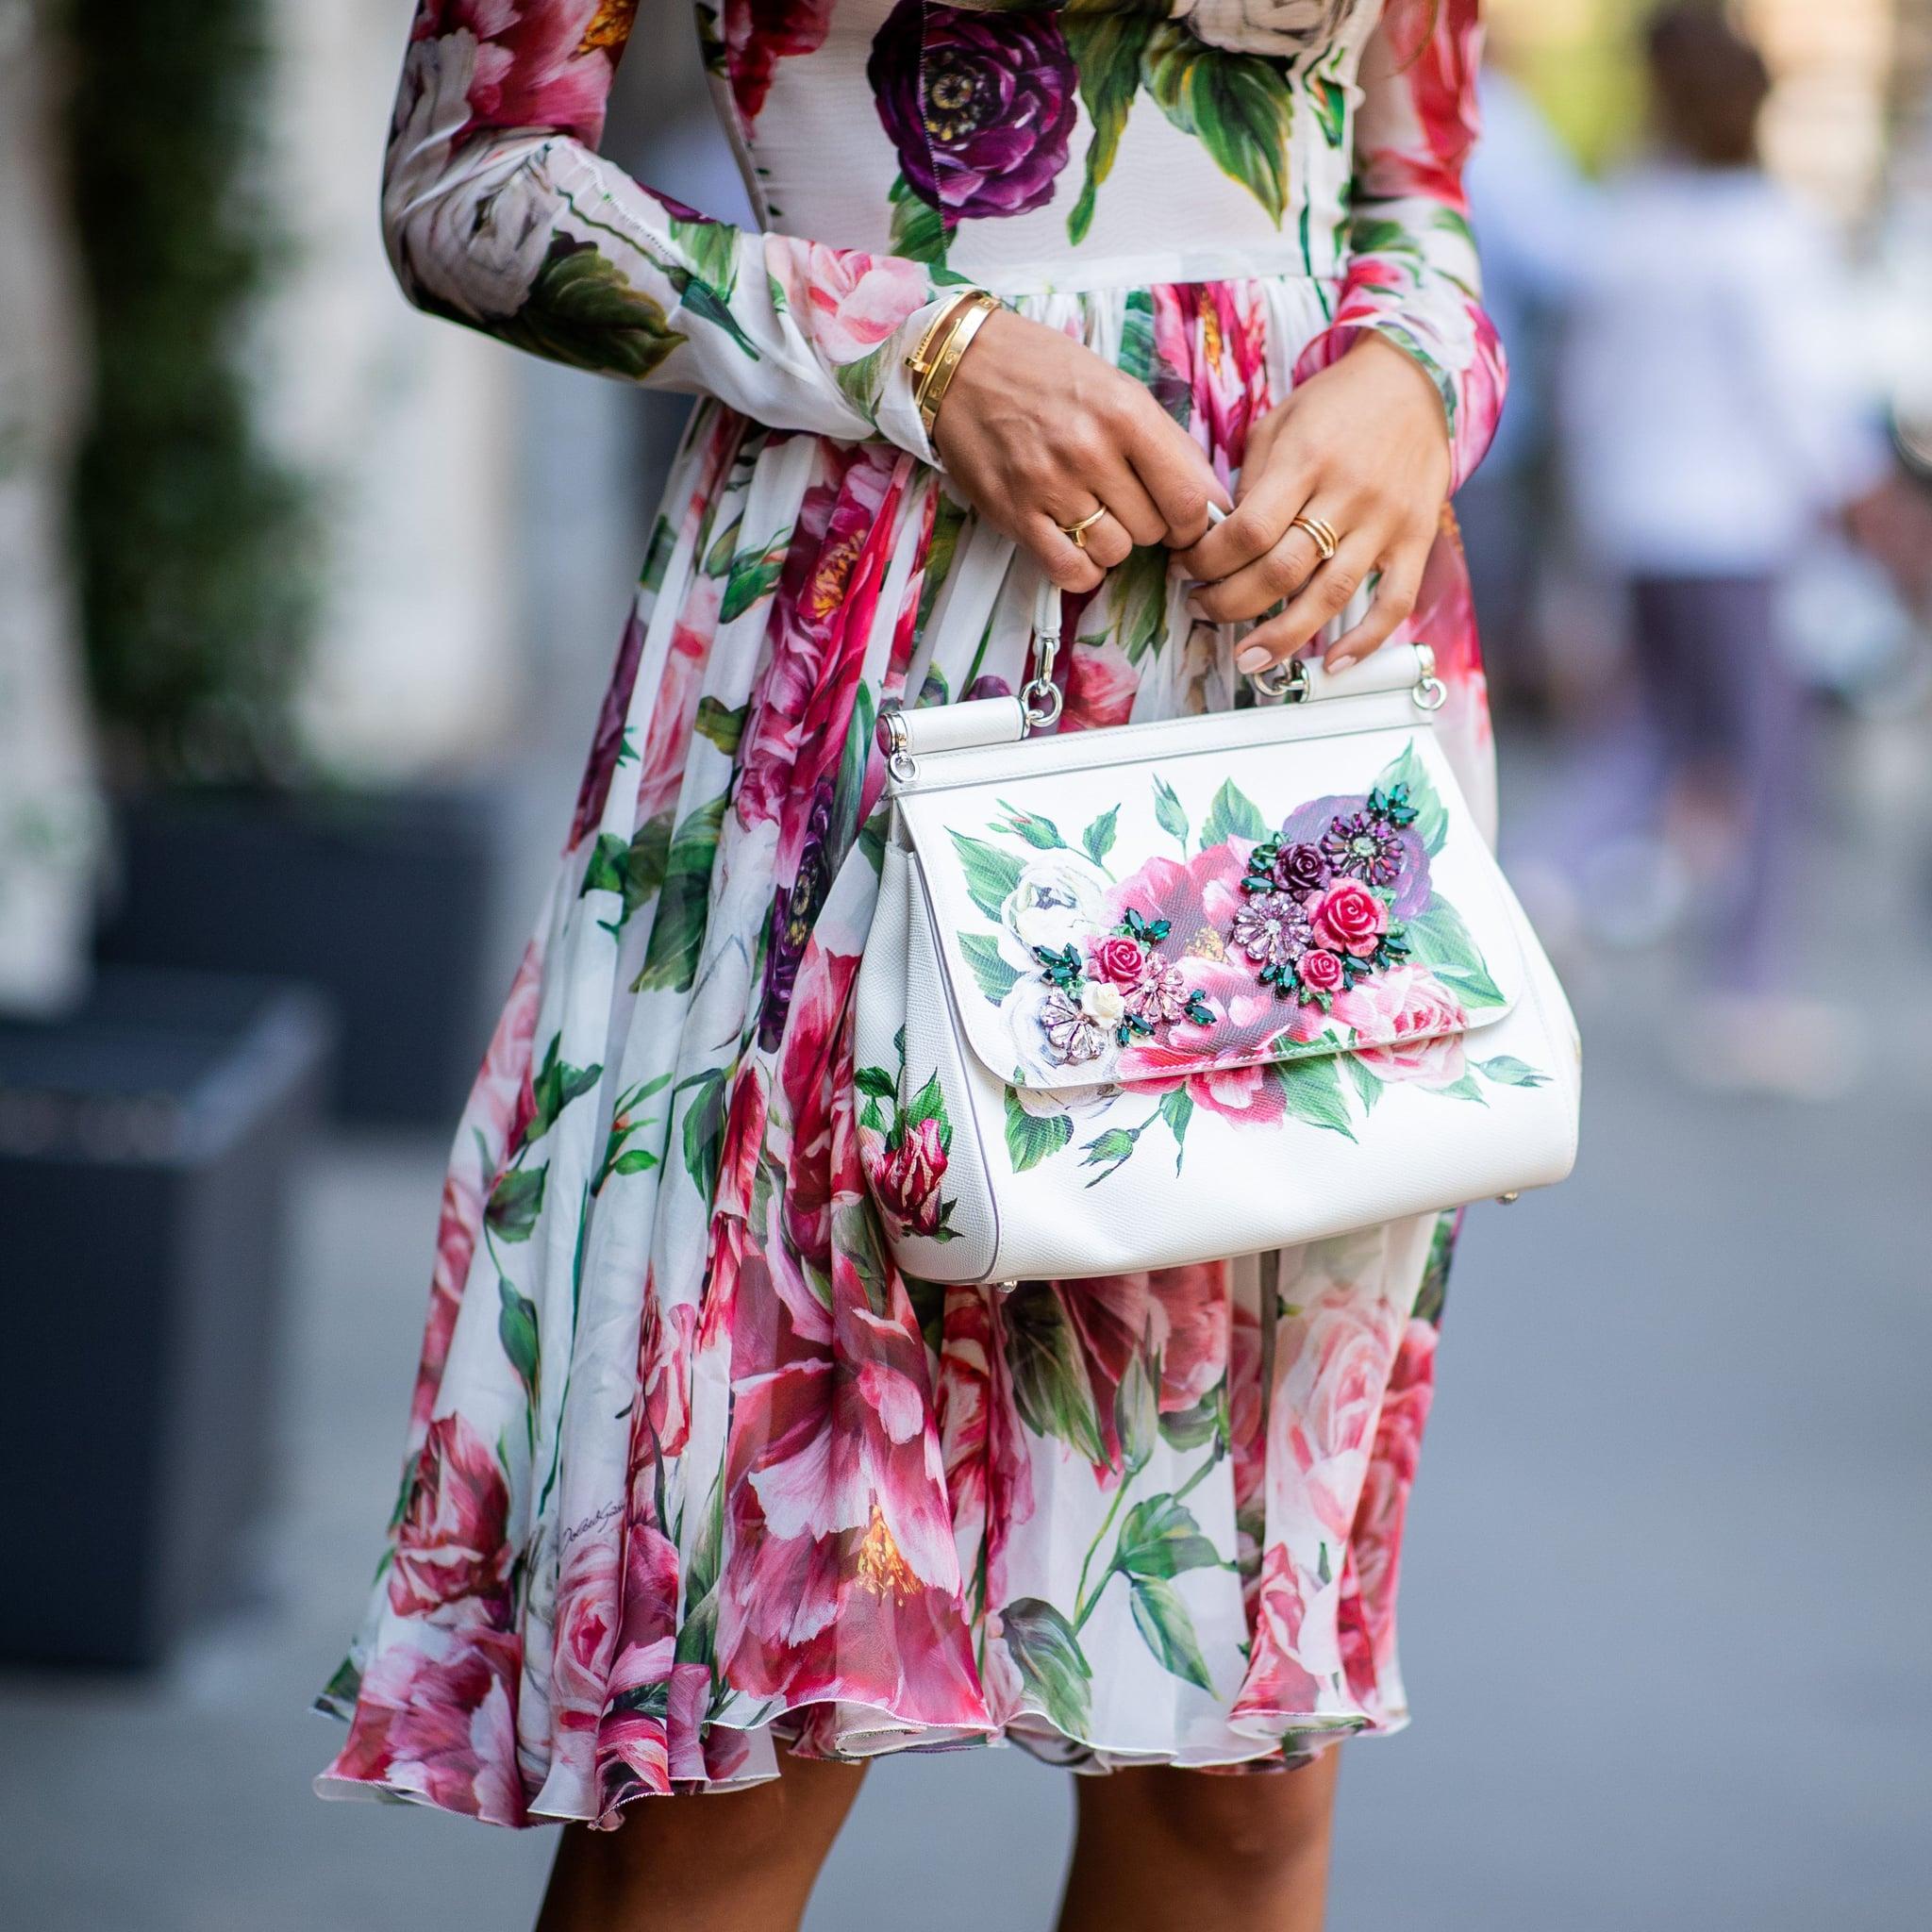 Резултат со слика за photos of floral dresses